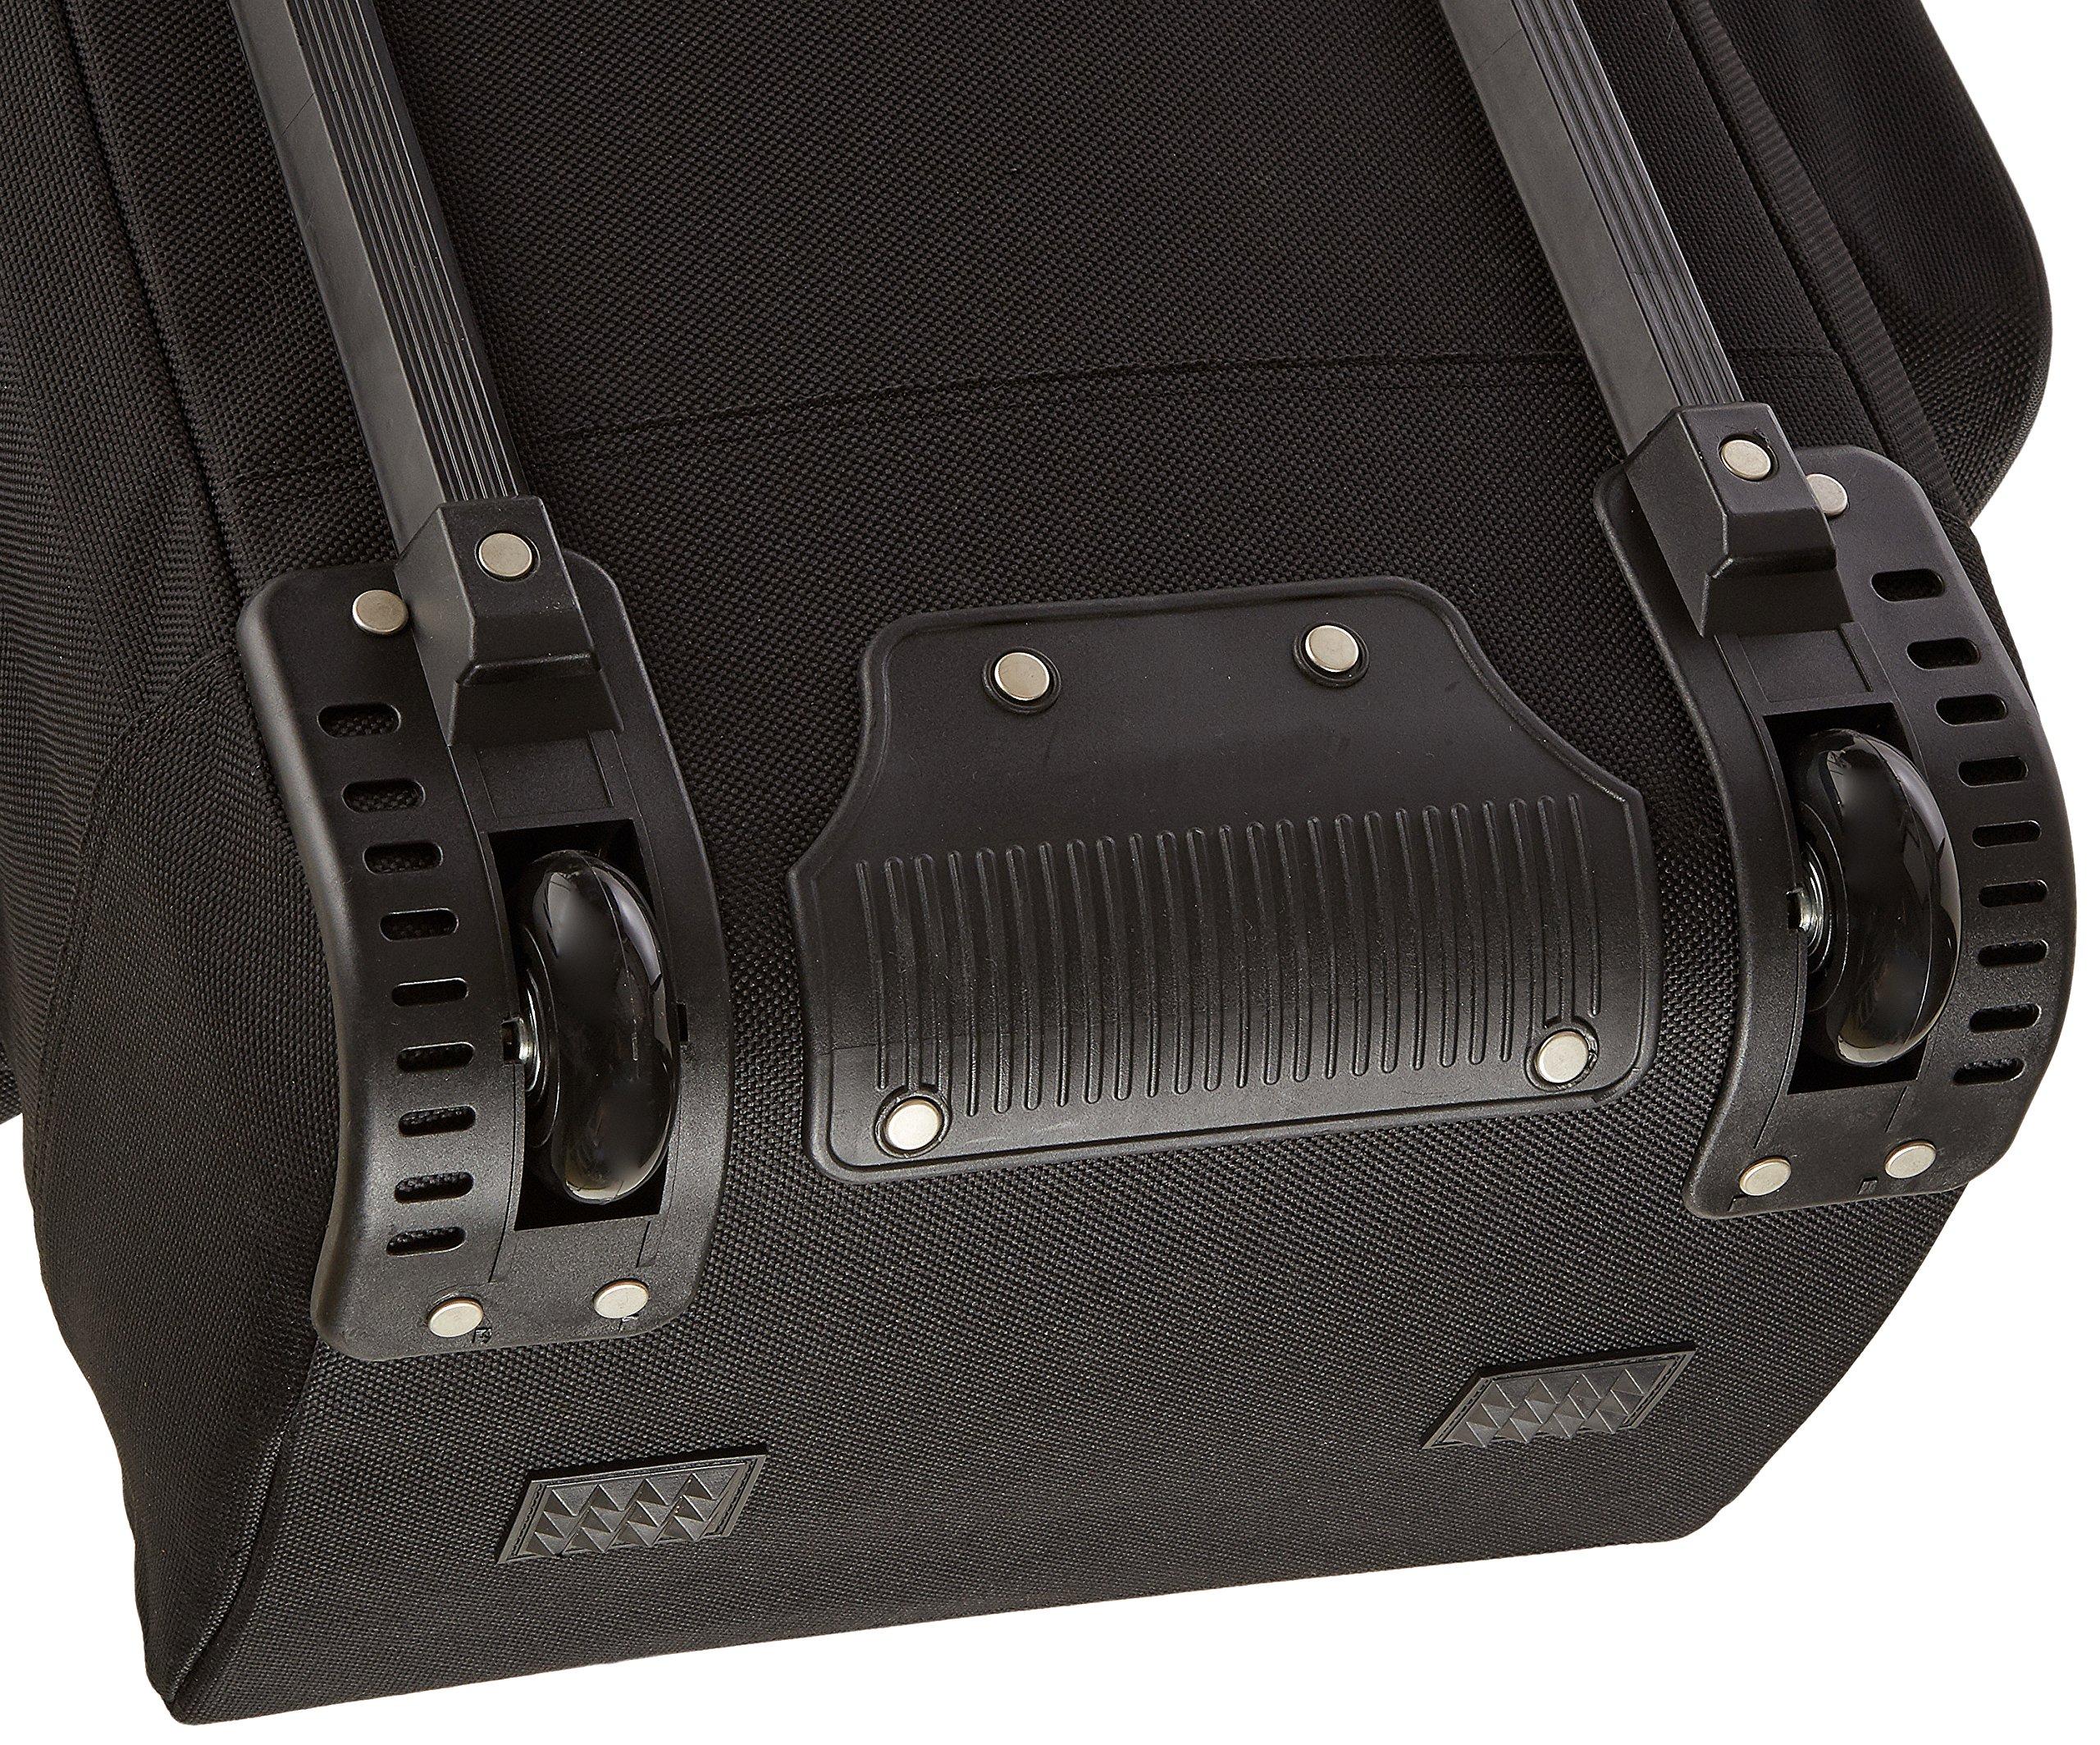 AmazonBasics Soft-Sided Golf Travel Bag by AmazonBasics (Image #8)